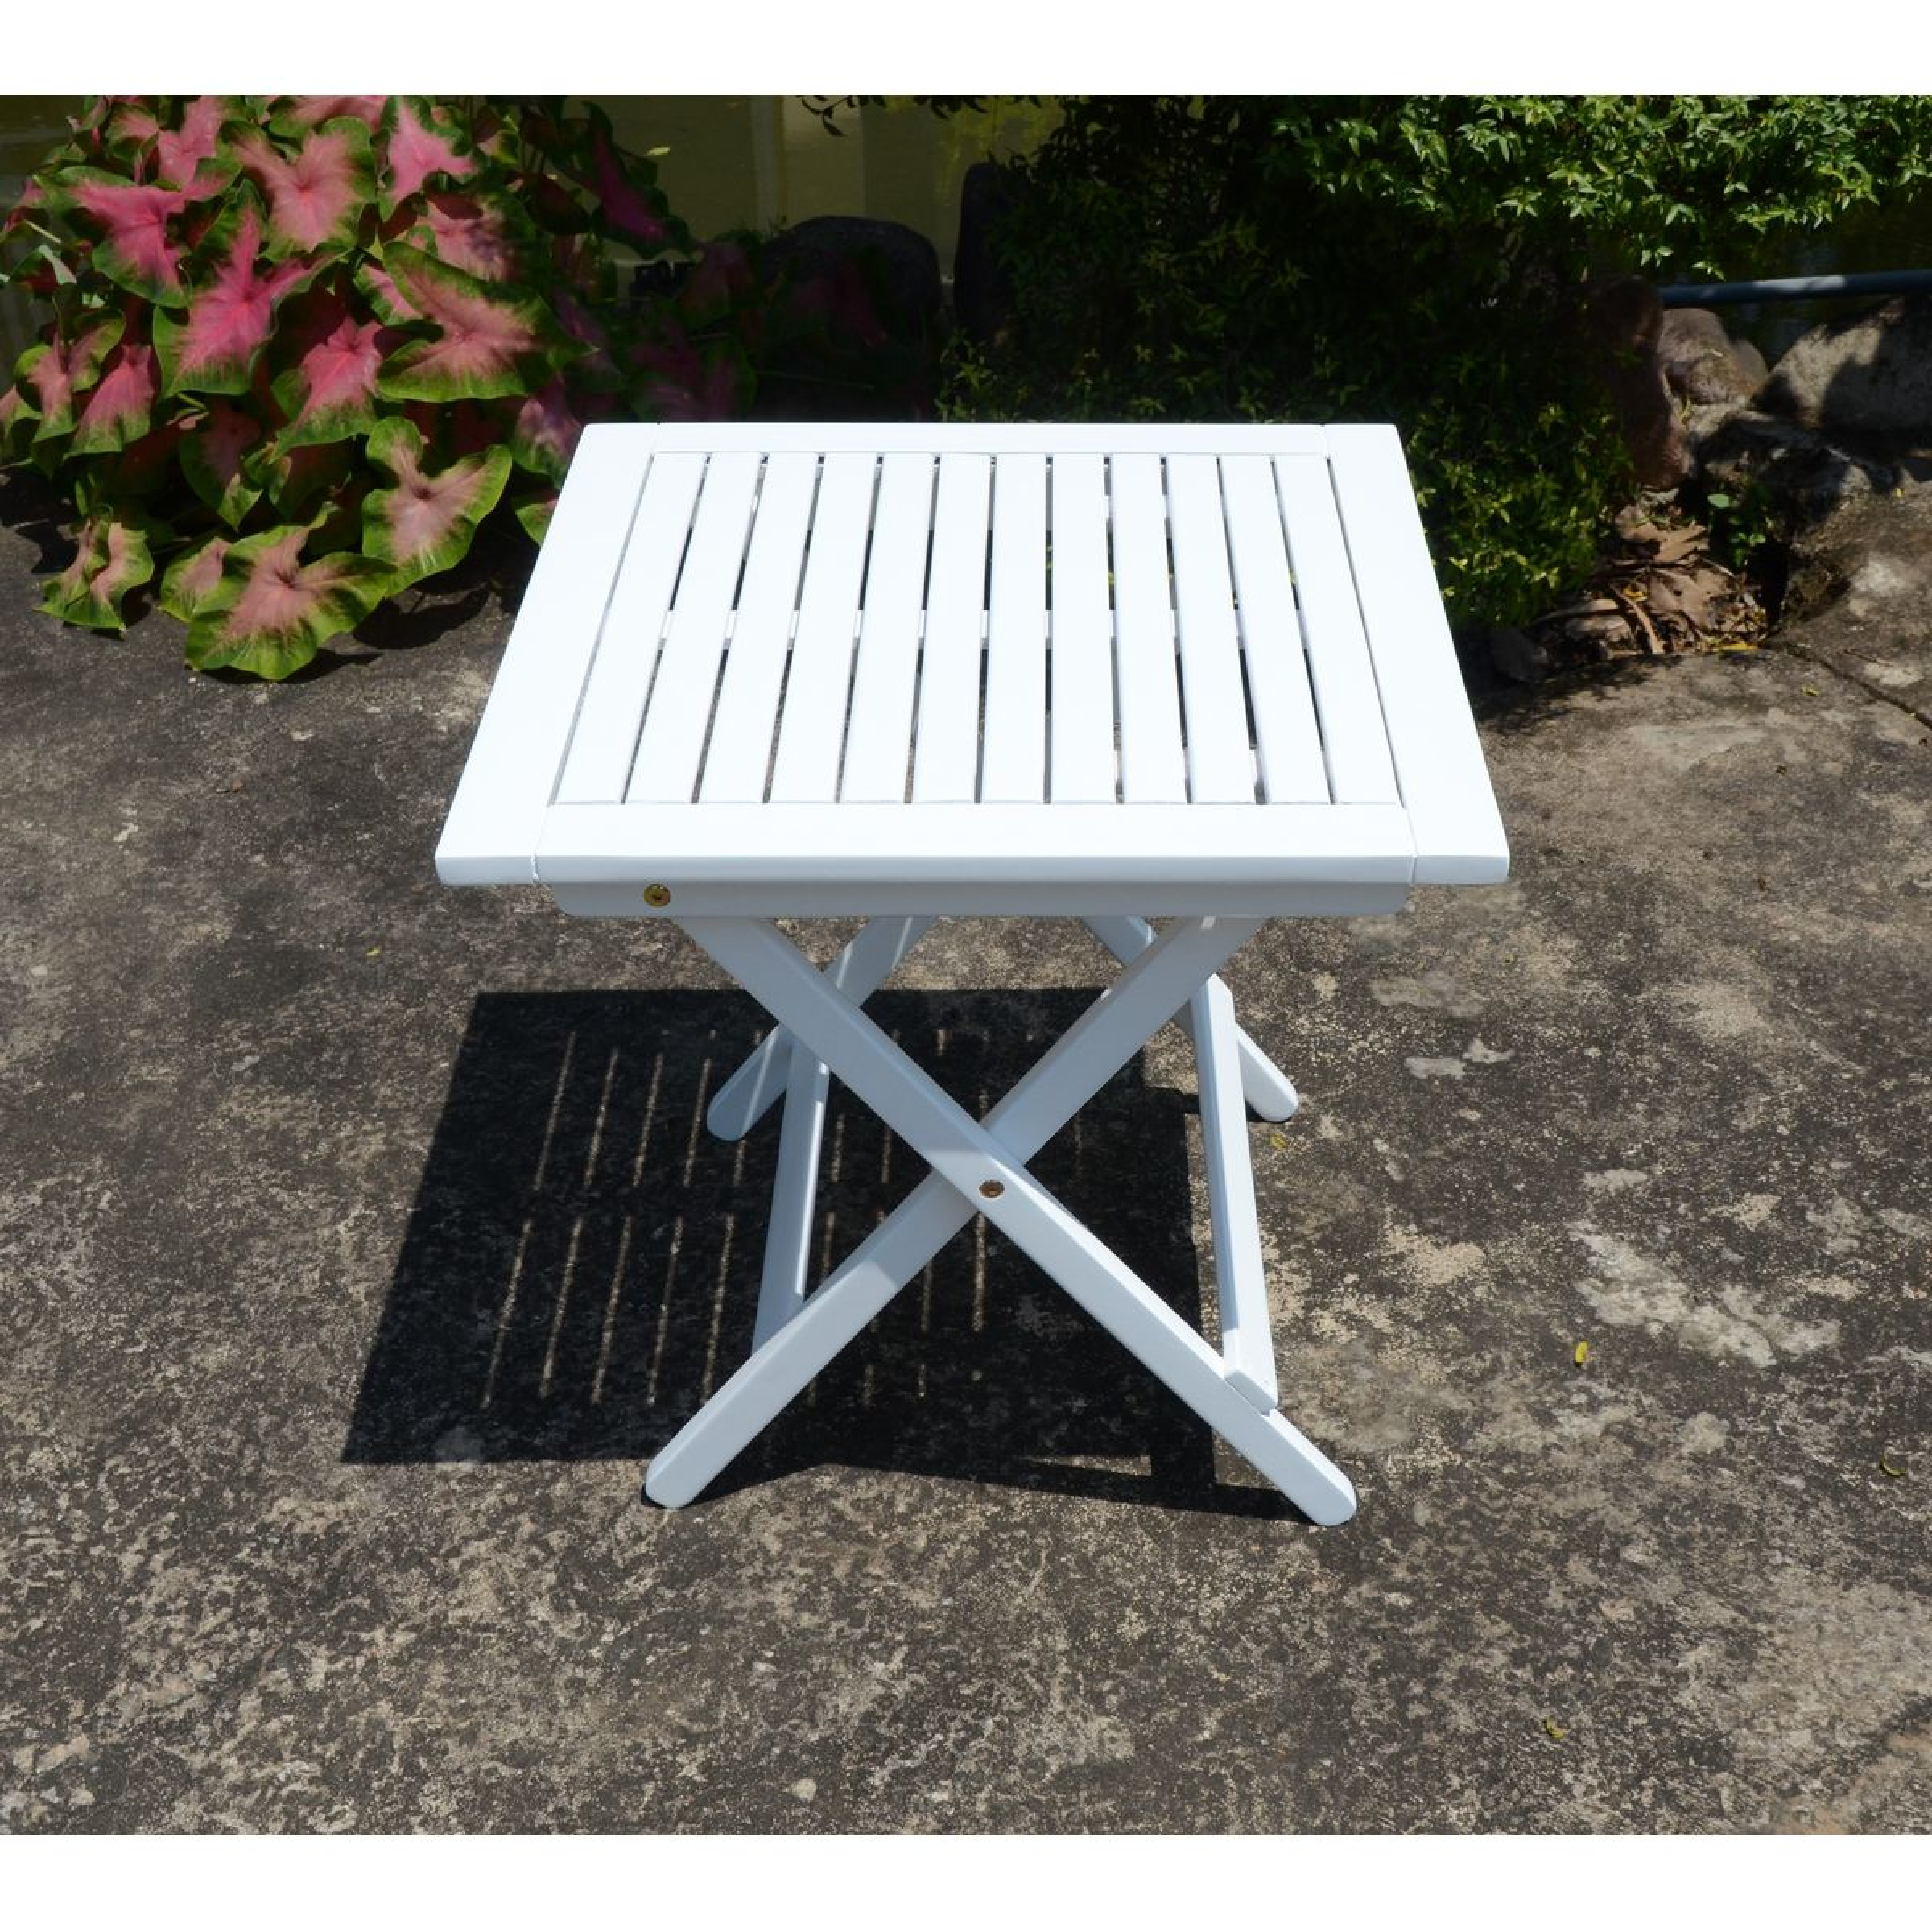 Tisch Klapptisch Gartentisch Holztisch Kaffeetisch Klappbar